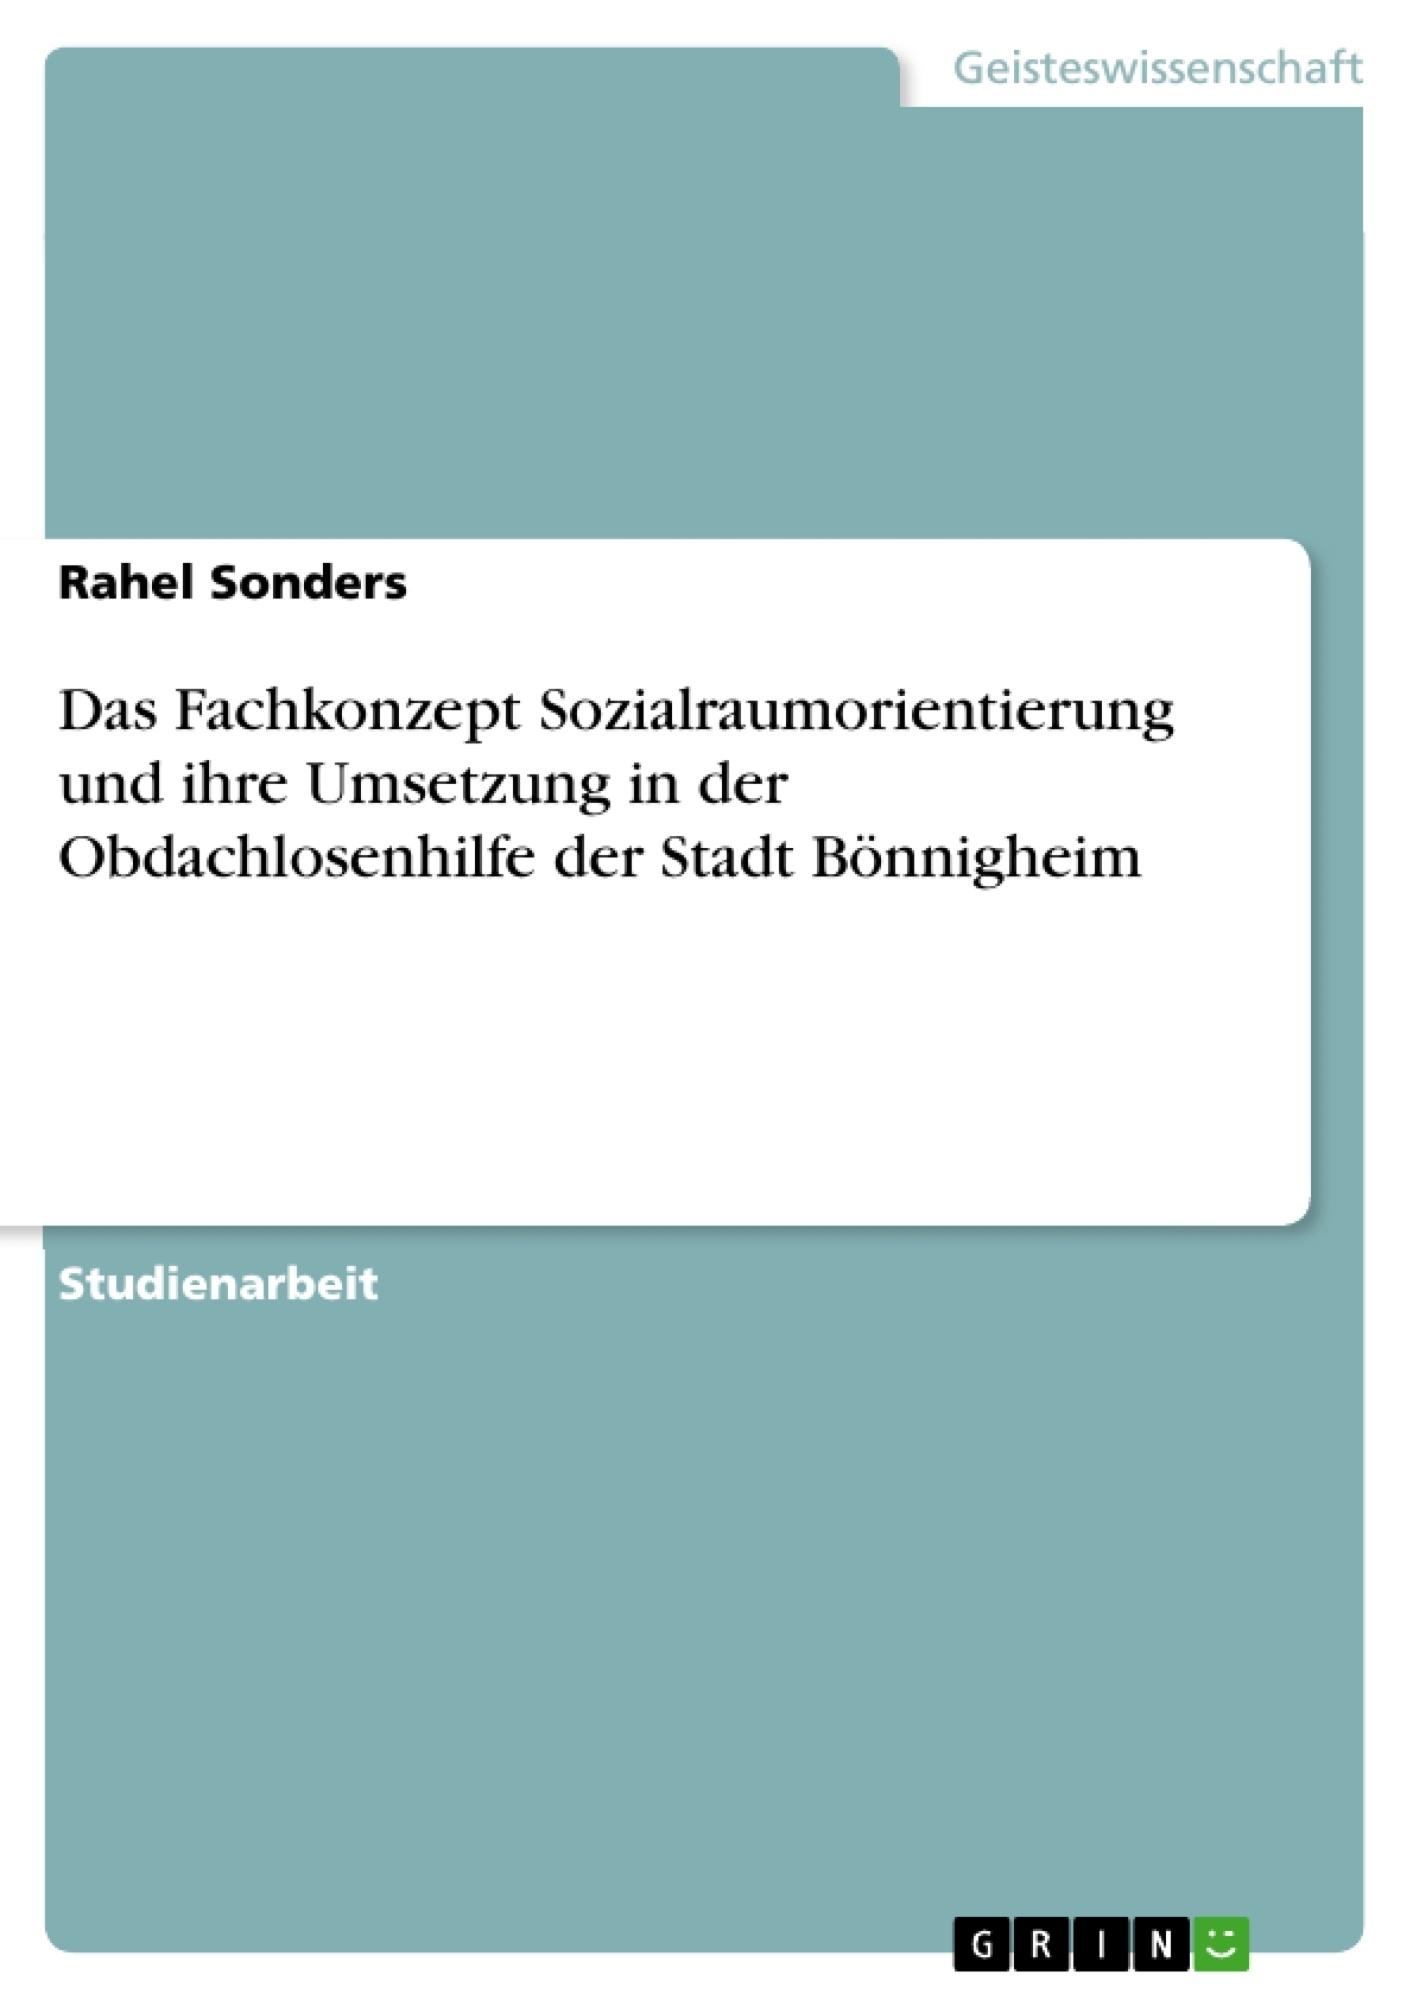 Titel: Das Fachkonzept Sozialraumorientierung und ihre Umsetzung in der Obdachlosenhilfe der Stadt Bönnigheim